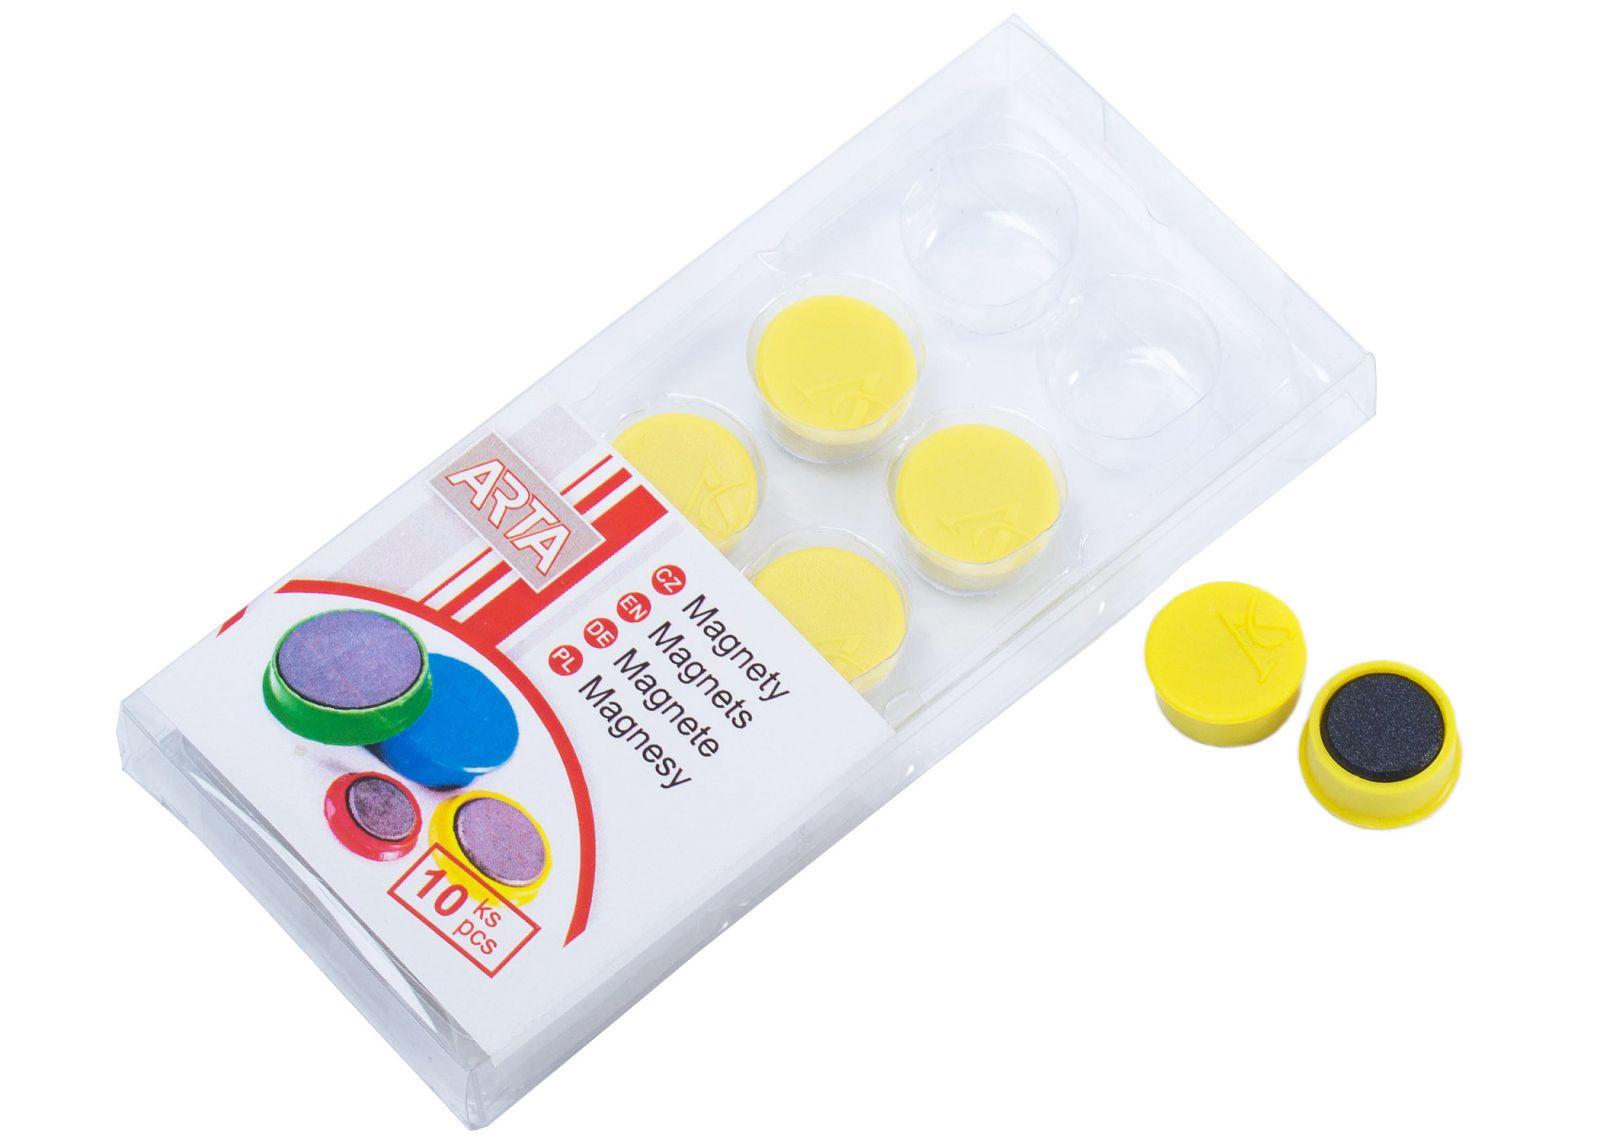 Magnety ARTA průměr 16mm, žluté (10ks v balení)